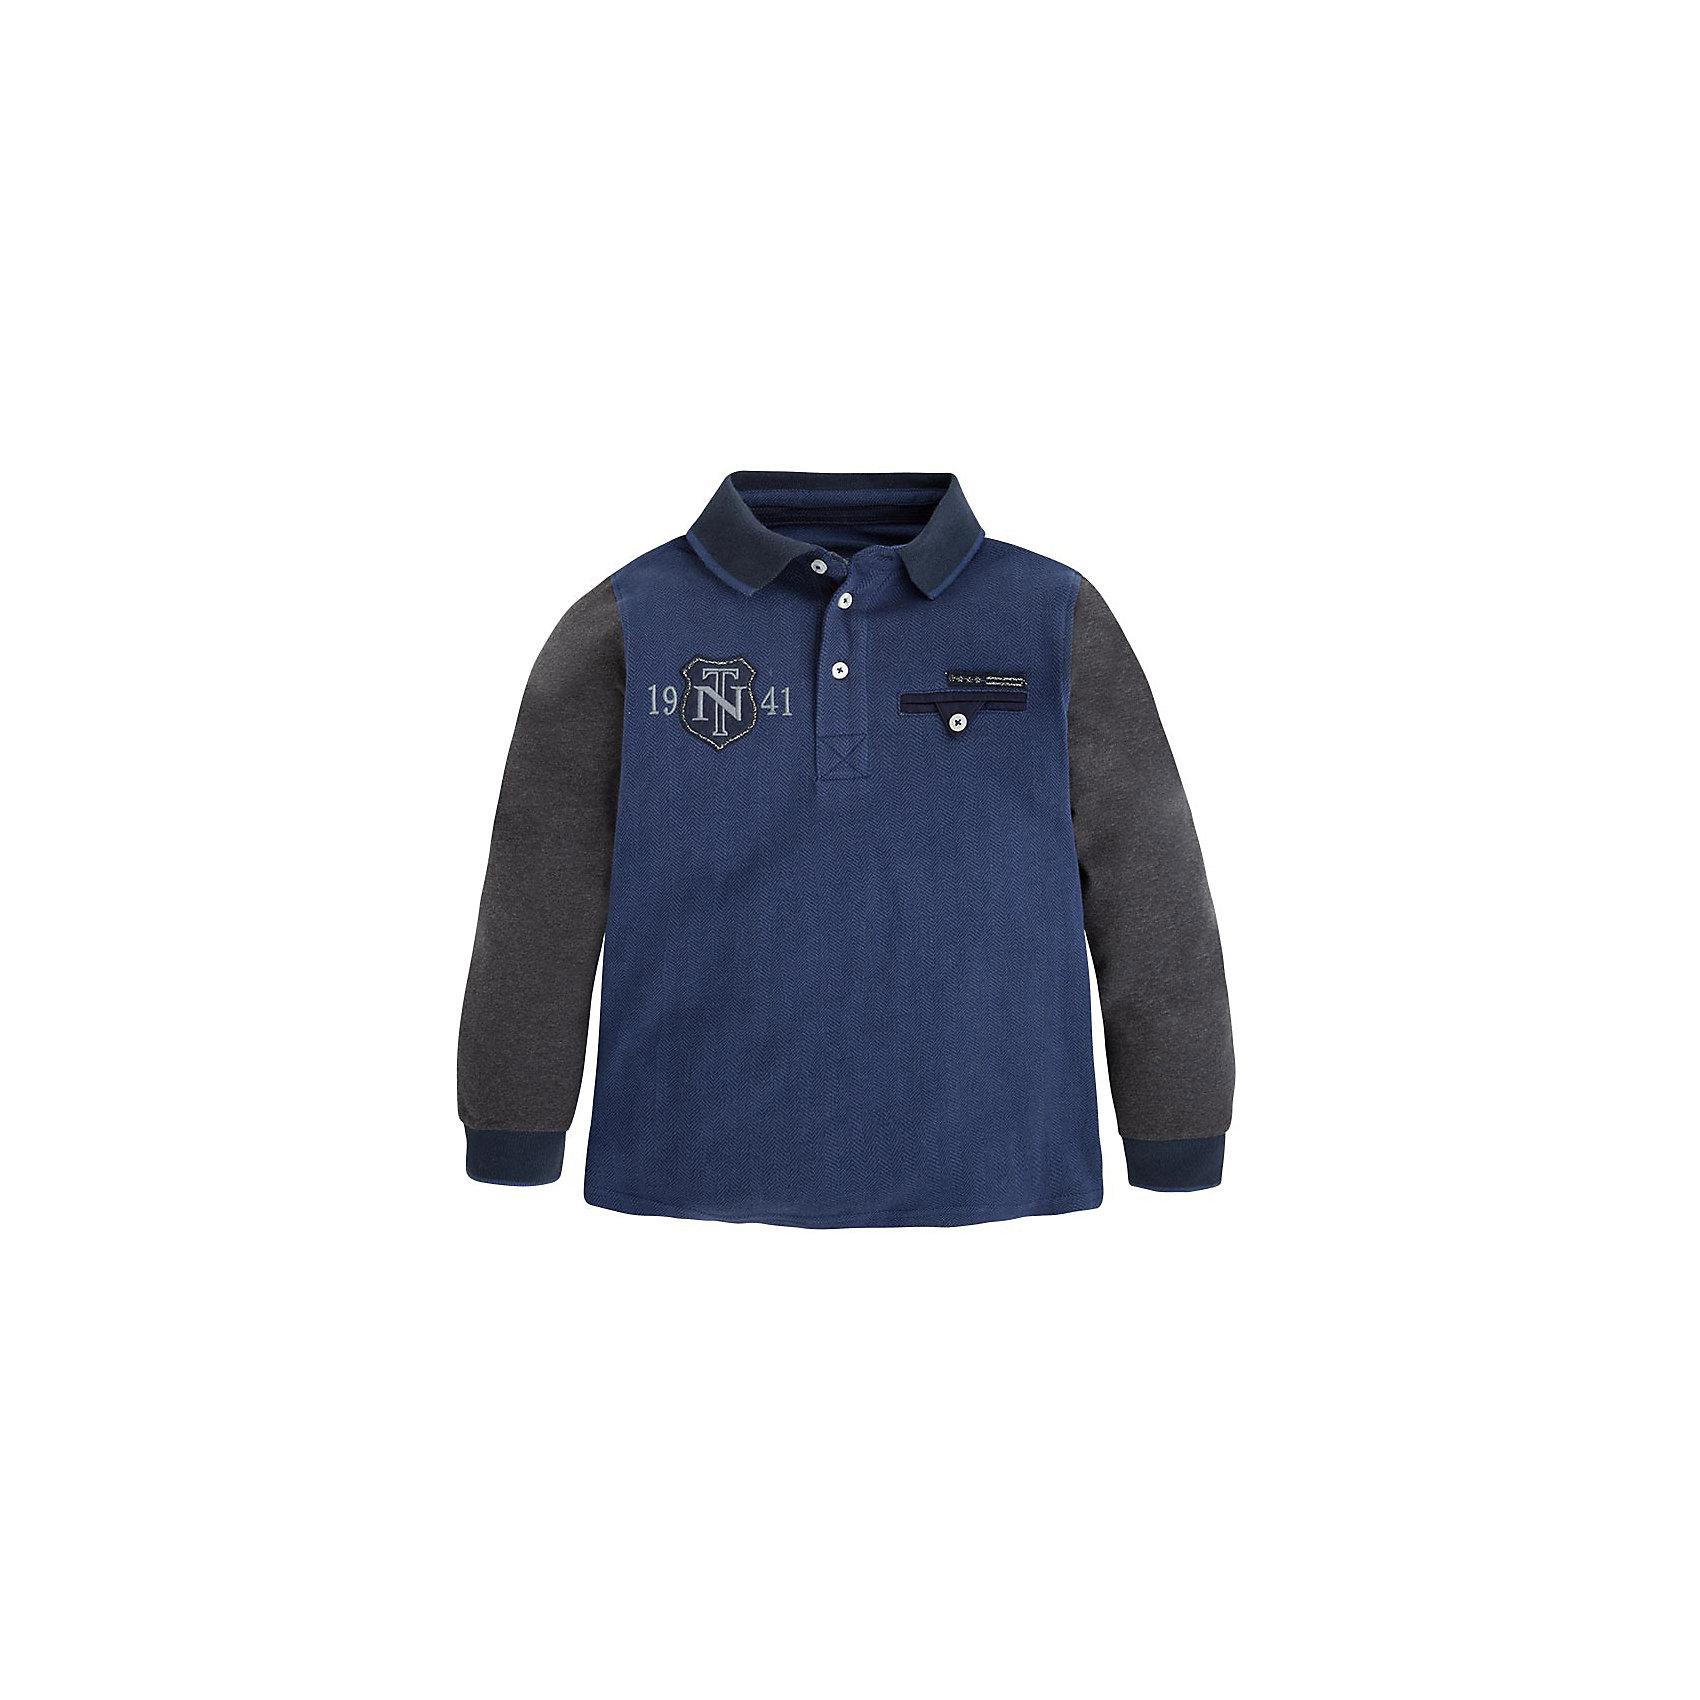 Рубашка-поло  для мальчика MayoralРубашка-поло для мальчика от популярной испанской марки Mayoral.<br><br>Удобная стильная рубашка-поло от бренда Mayoral разработана специально для детей. Удобный крой и качественный материал обеспечит комфорт при ношении этой вещи. Натуральный хлопок в составе изделия делает его дышащим и мягким.<br>Рубашка выполнена в практичной расцветке - серый с синим. Декорирована вышивкой и аппликацией. На рукавах - мягкие манжеты.<br>Состав: 100% хлопок<br>Уход за изделием:<br>• стирка в машине при температуре до 30°С,<br>• не отбеливать,<br>• гладить на низкой температуре.<br><br>Рубашку-поло для мальчика Mayoral (Майорал) можно купить в нашем магазине.<br><br>Ширина мм: 174<br>Глубина мм: 10<br>Высота мм: 169<br>Вес г: 157<br>Цвет: синий<br>Возраст от месяцев: 144<br>Возраст до месяцев: 156<br>Пол: Мужской<br>Возраст: Детский<br>Размер: 158,152,164,140,128<br>SKU: 4192476